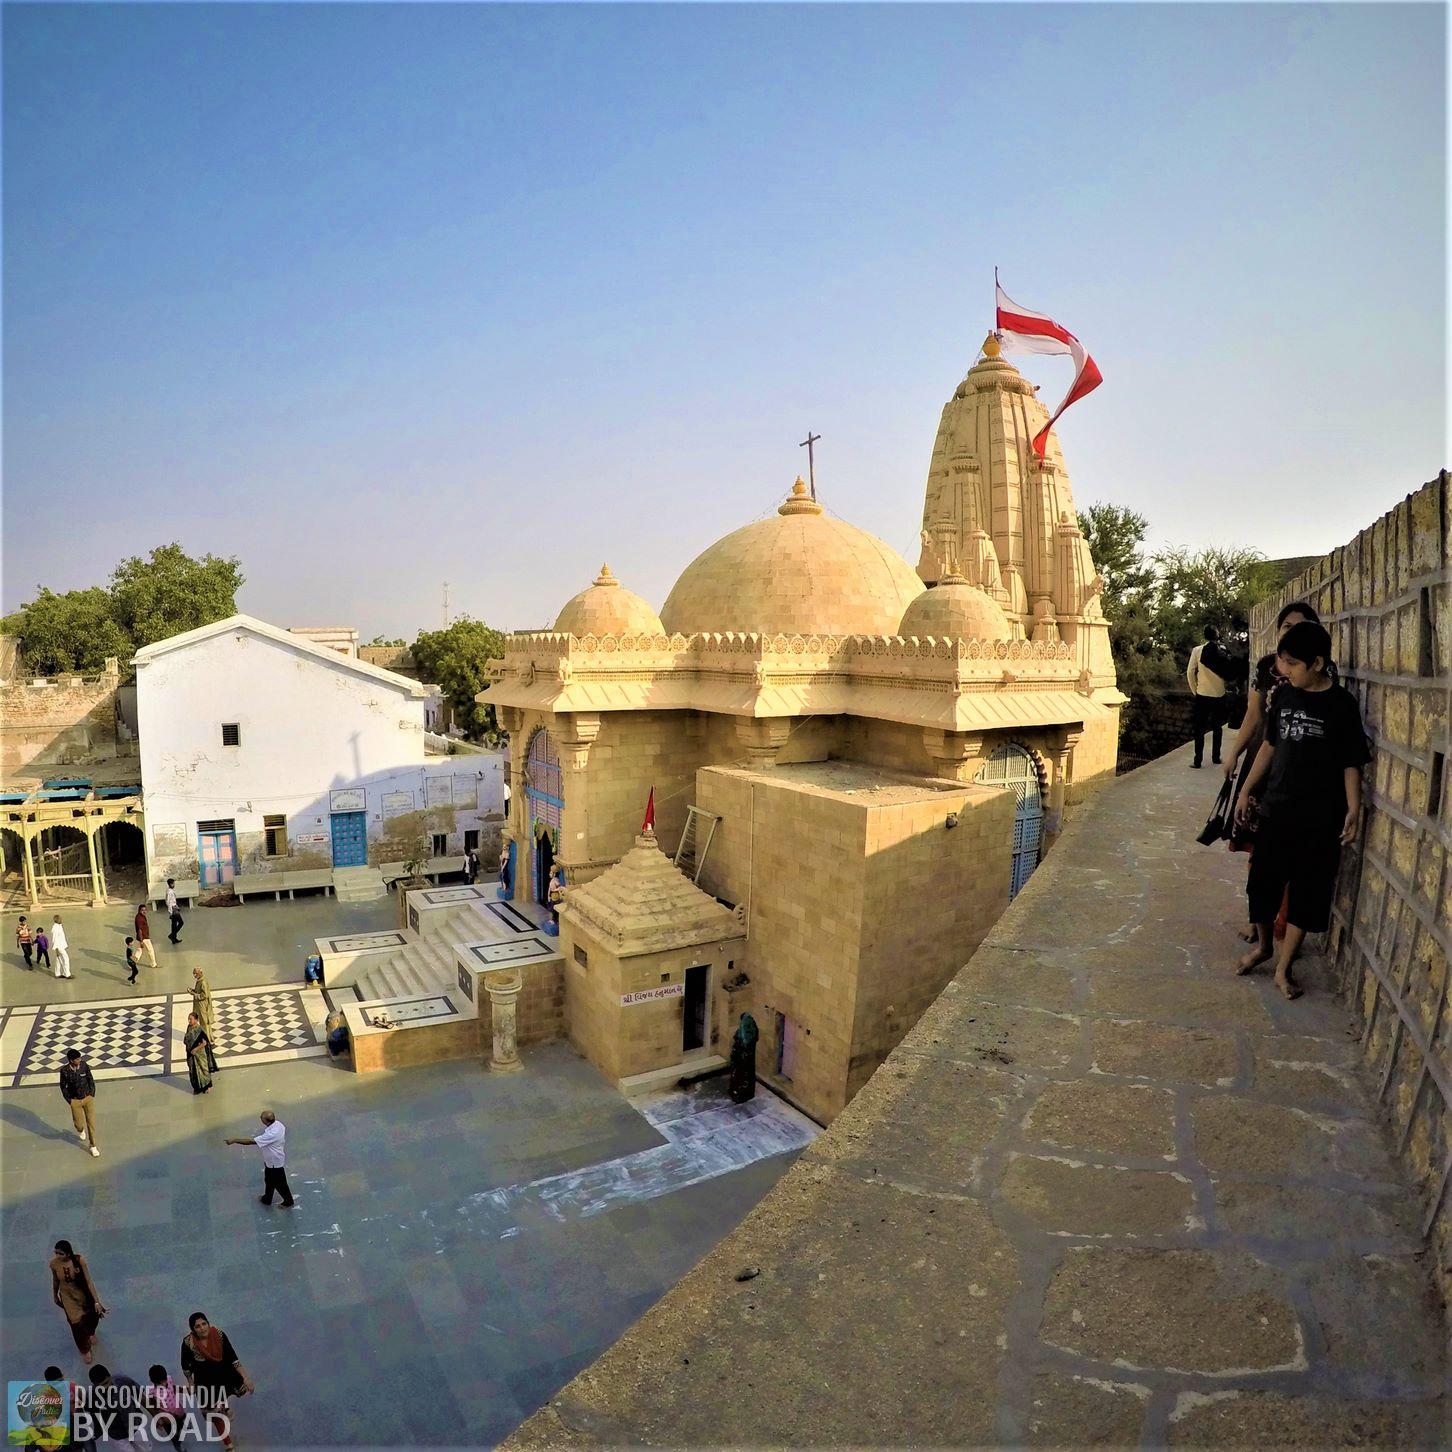 Trivikramrai ji temple at Narayan Sarovar